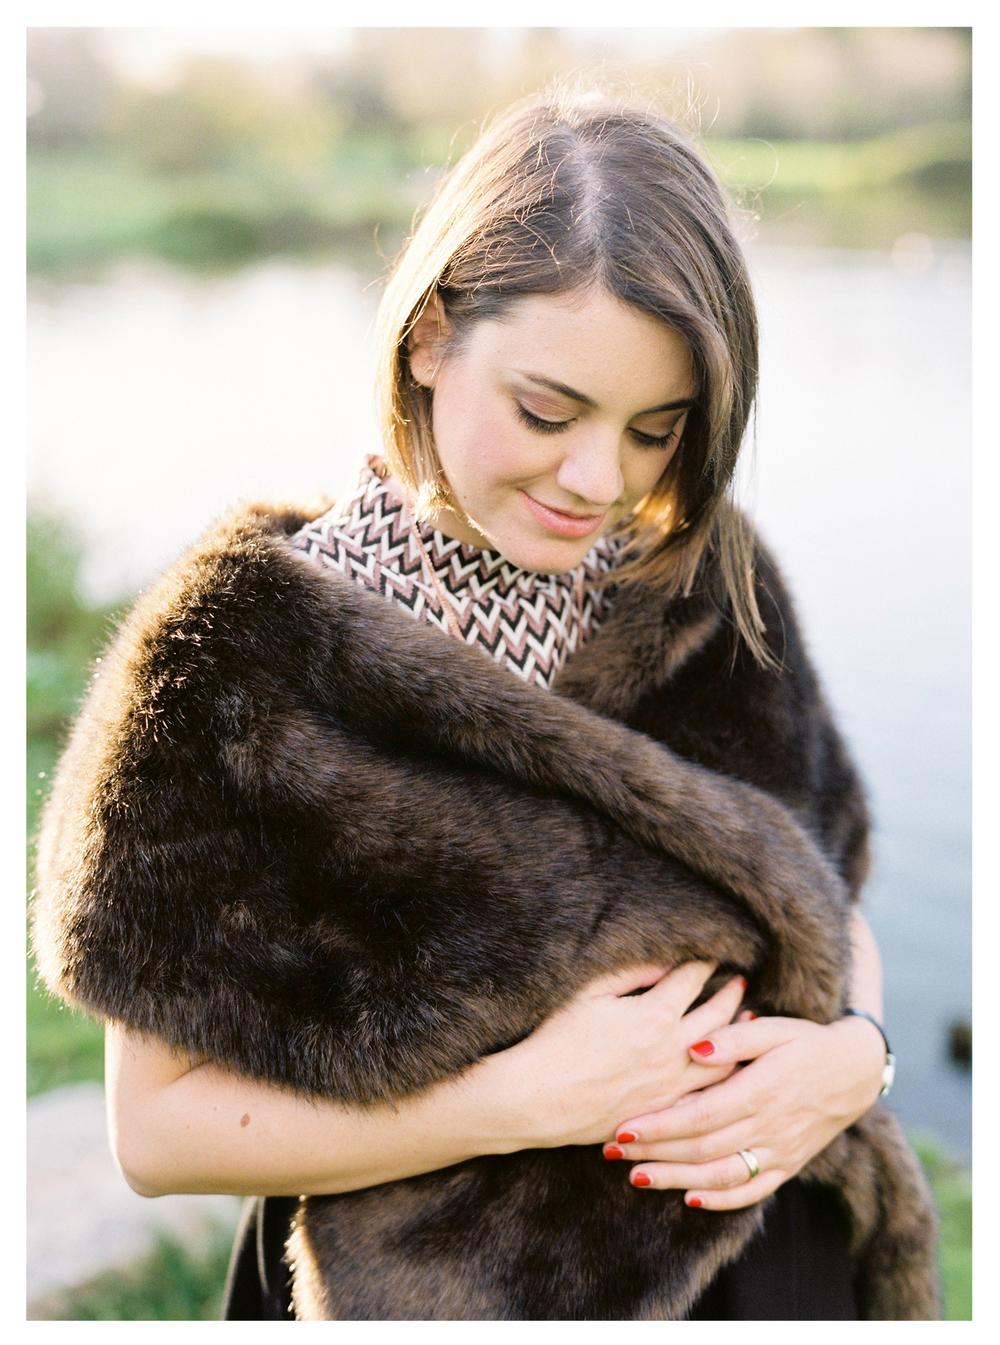 Maternity_shoot_by_Brancoprata_07.jpg